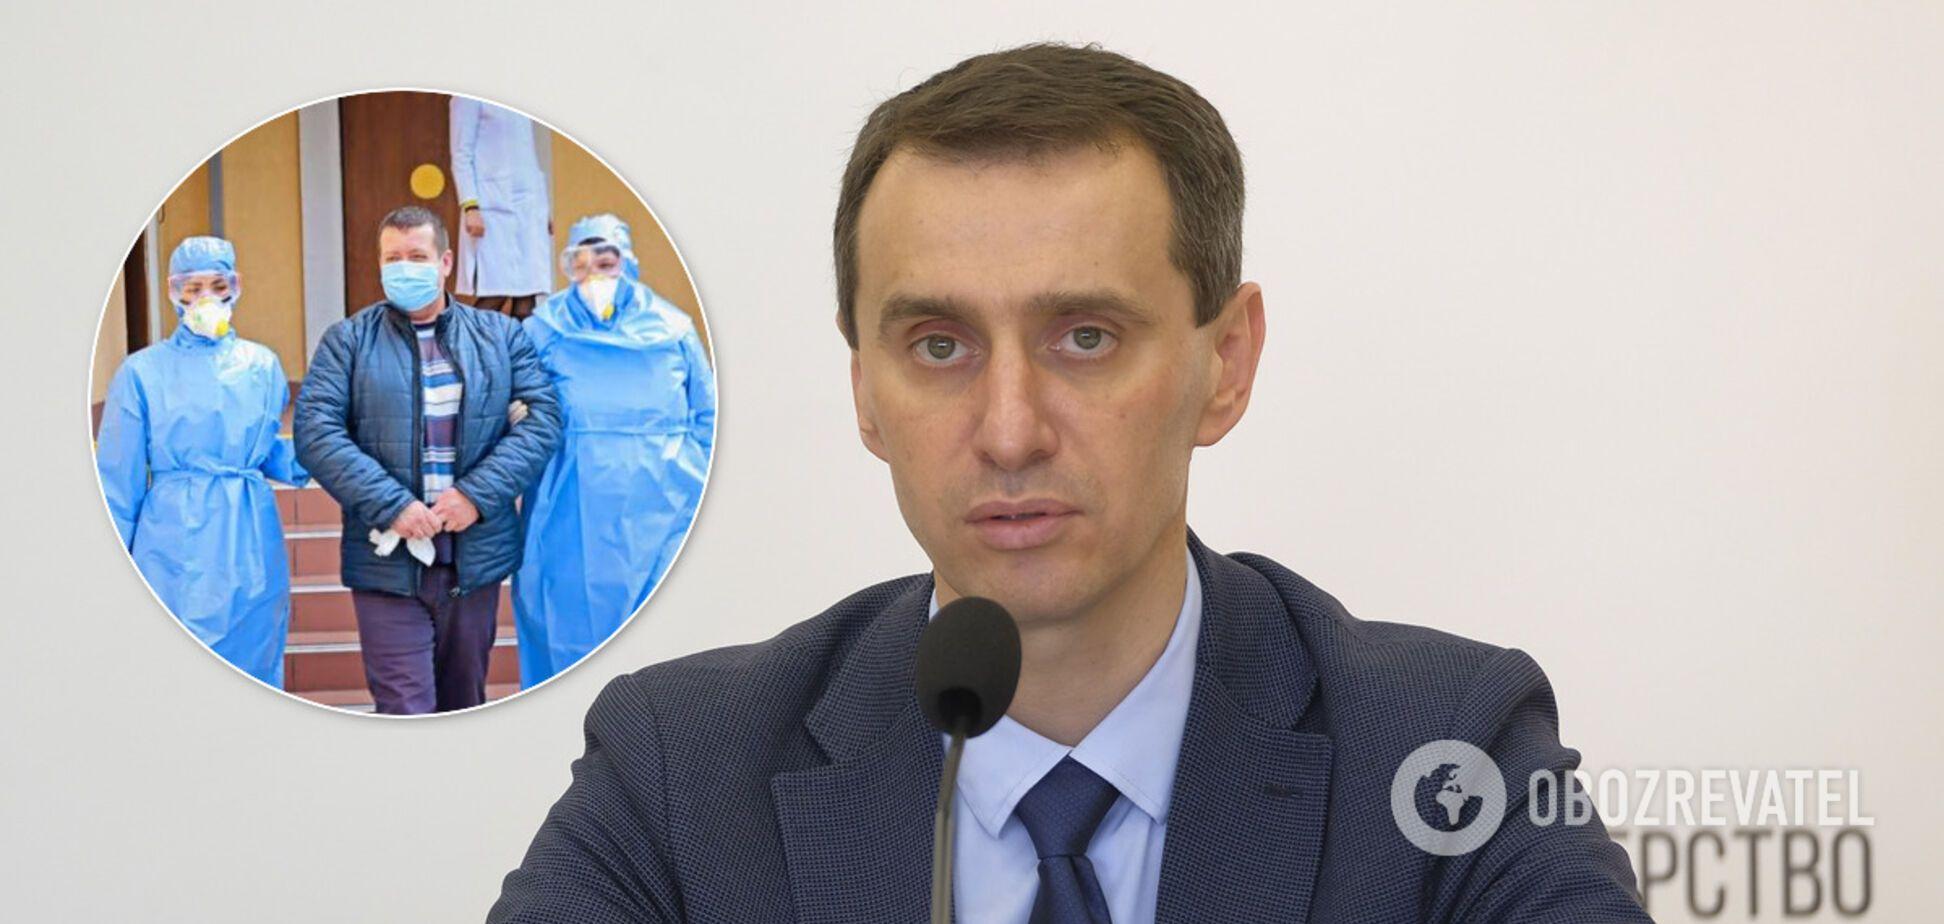 Коронавирус в Украине может стать агрессивным – Ляшко